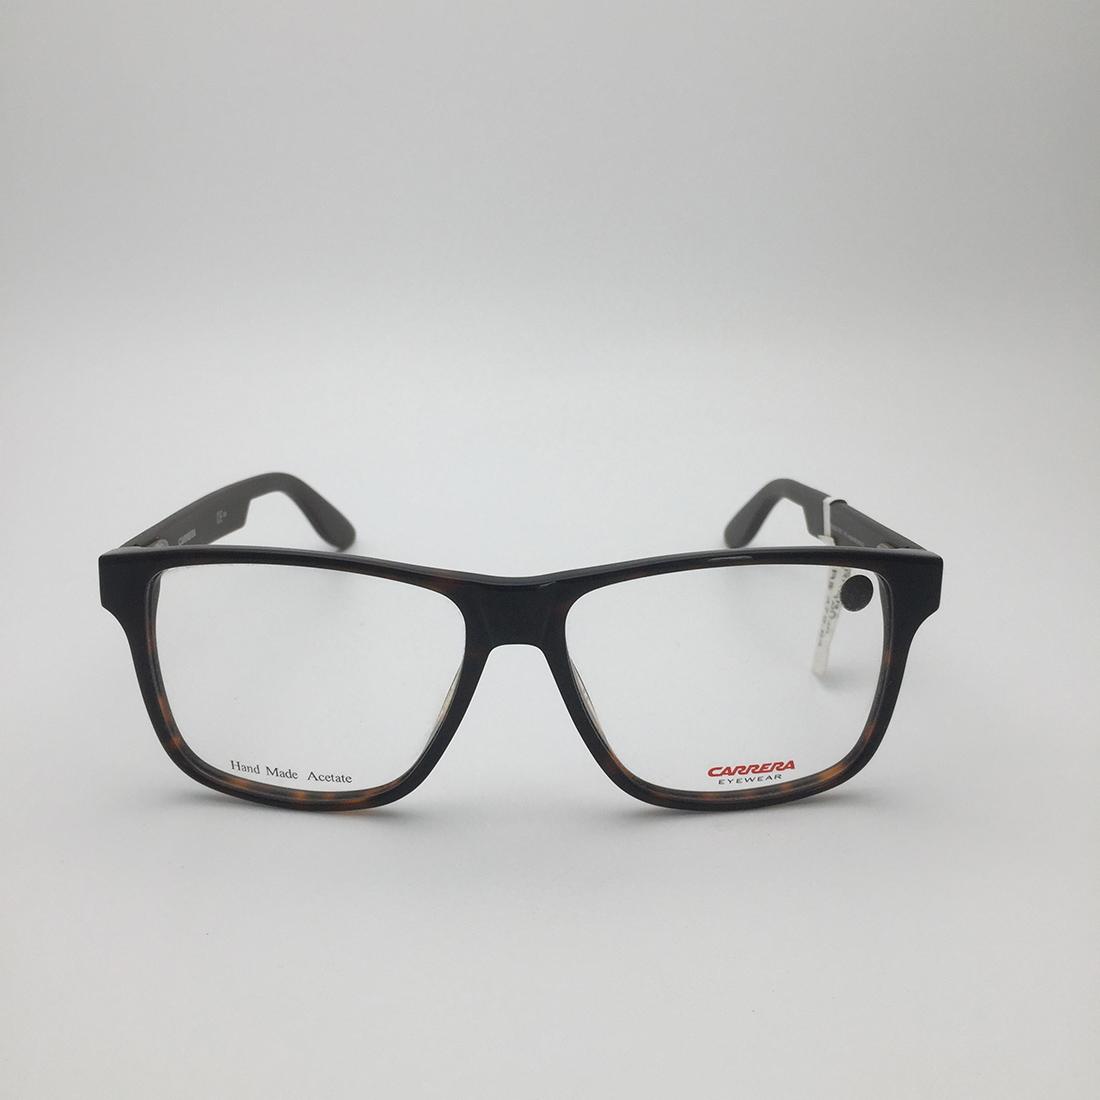 CARRERA 5506 BXC